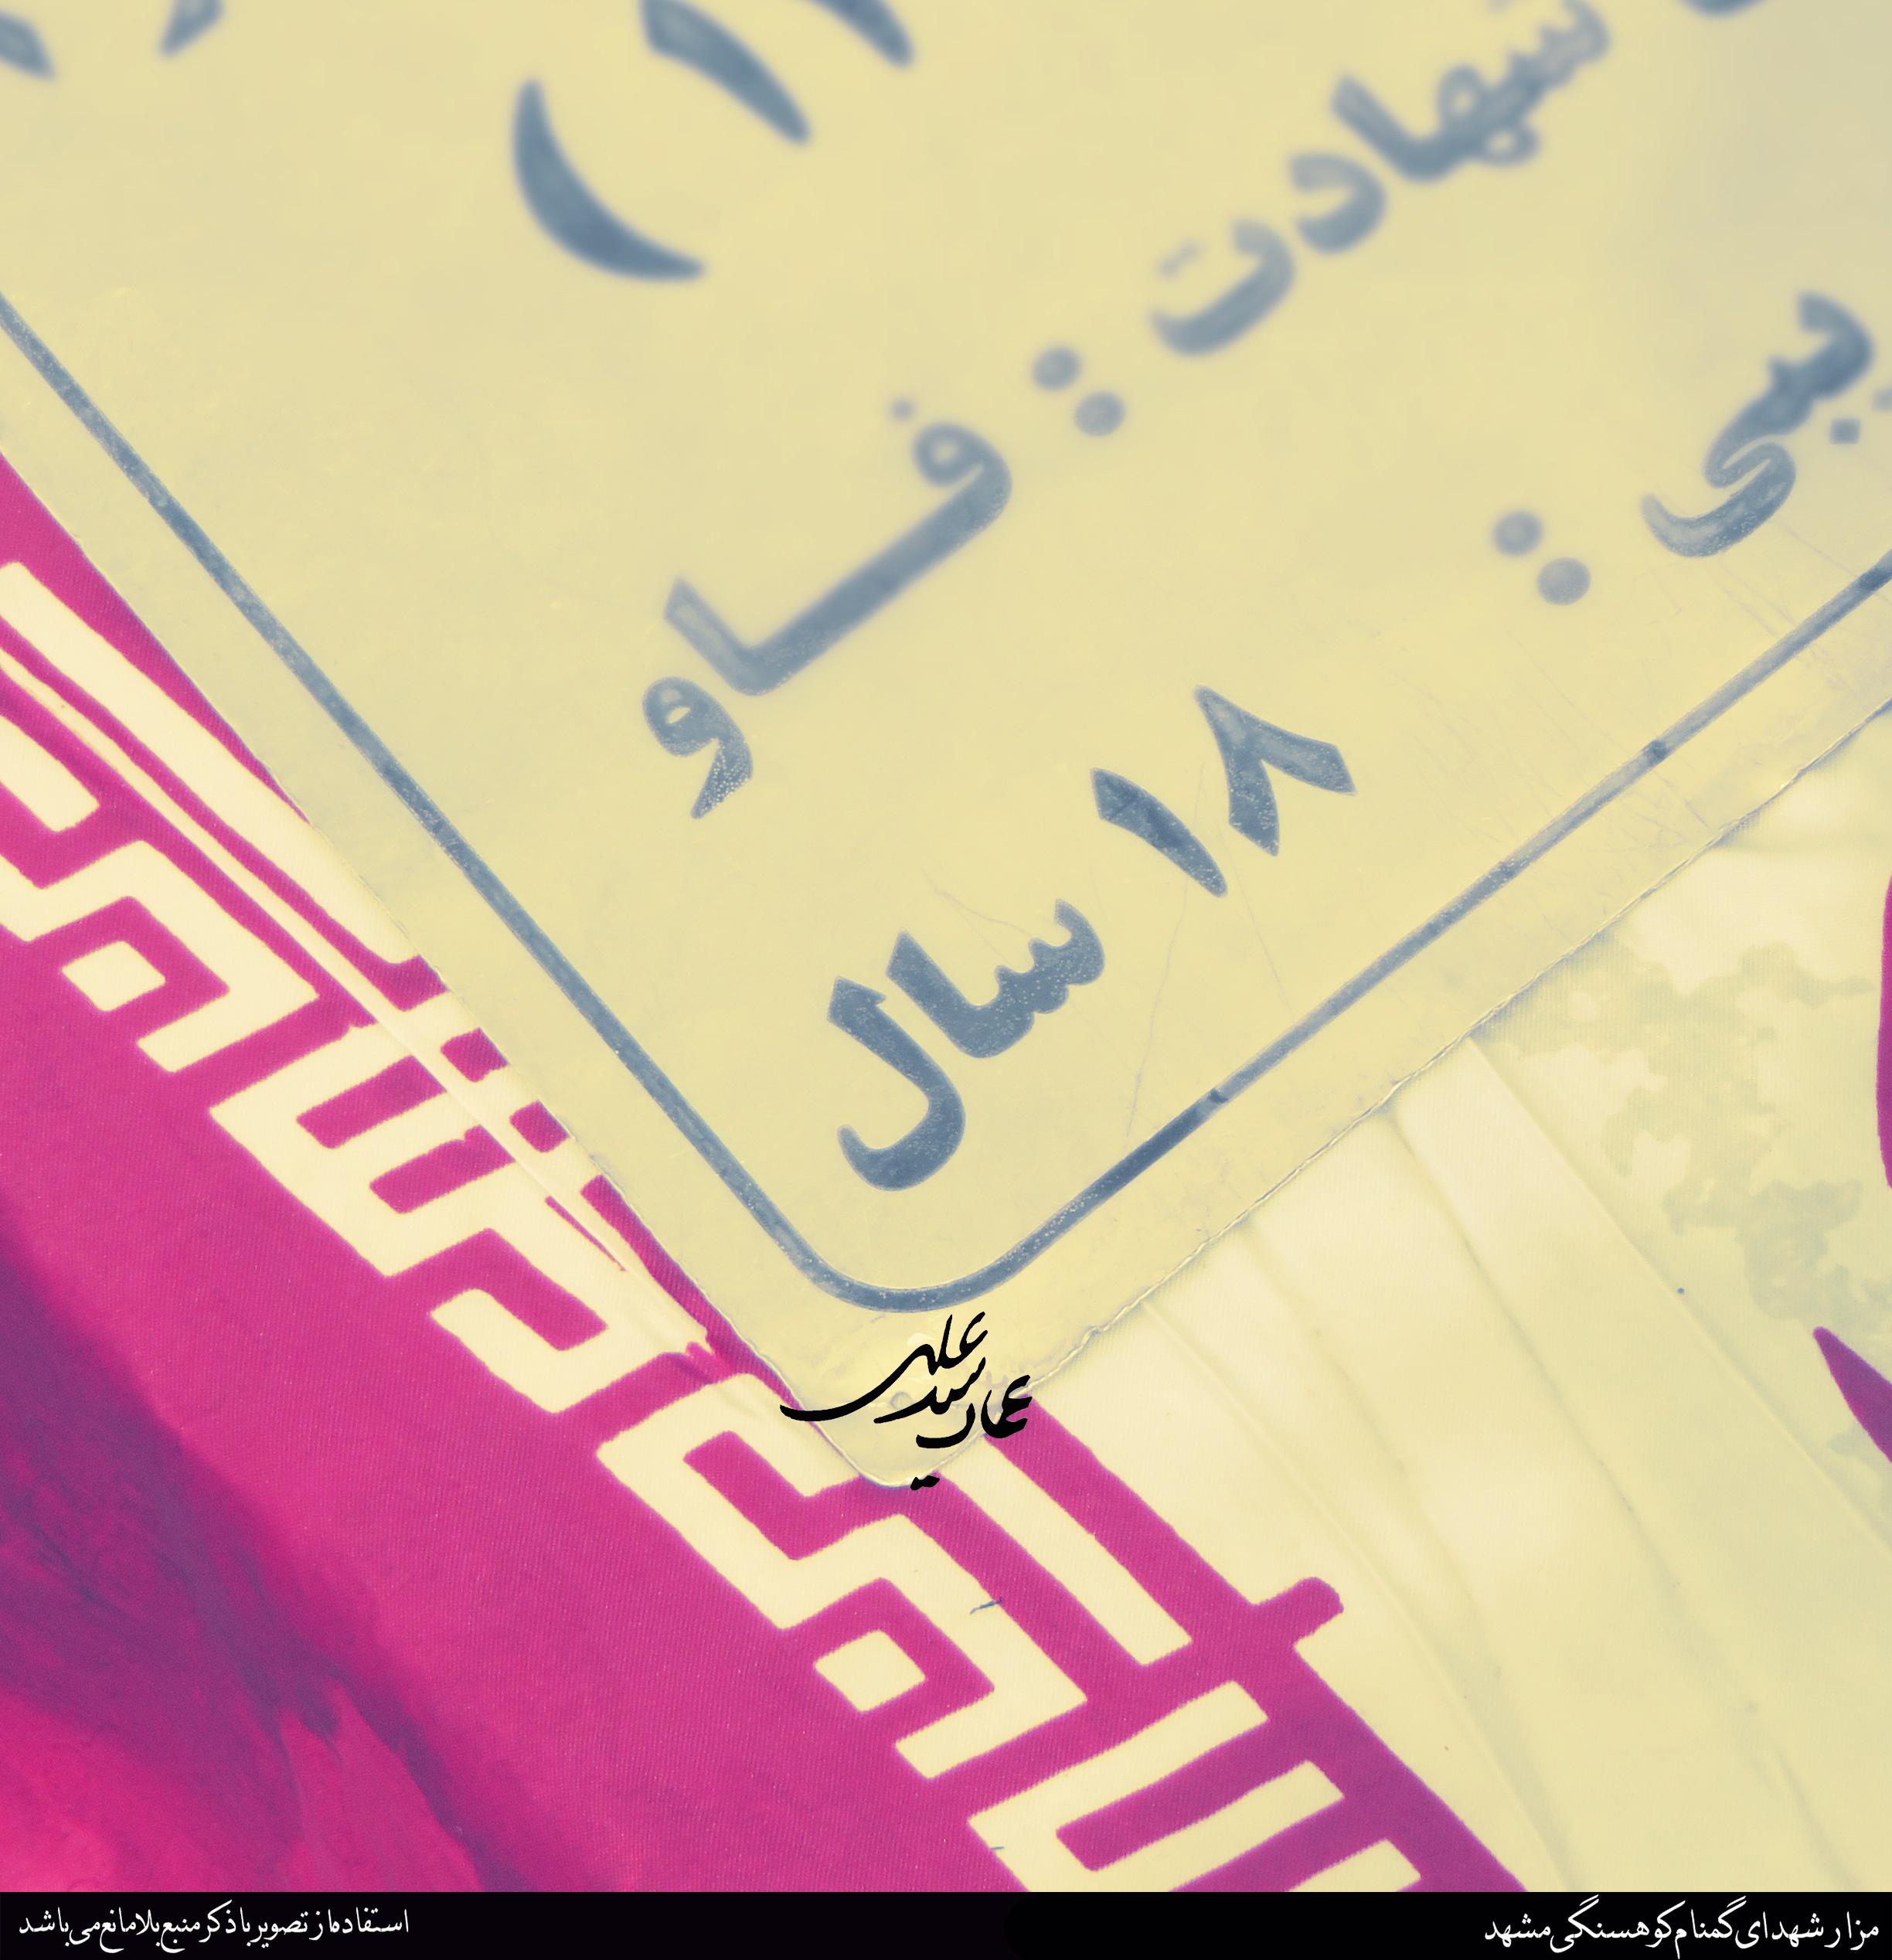 علی اکبر های خمینی - وبلاگ عمار سید علی